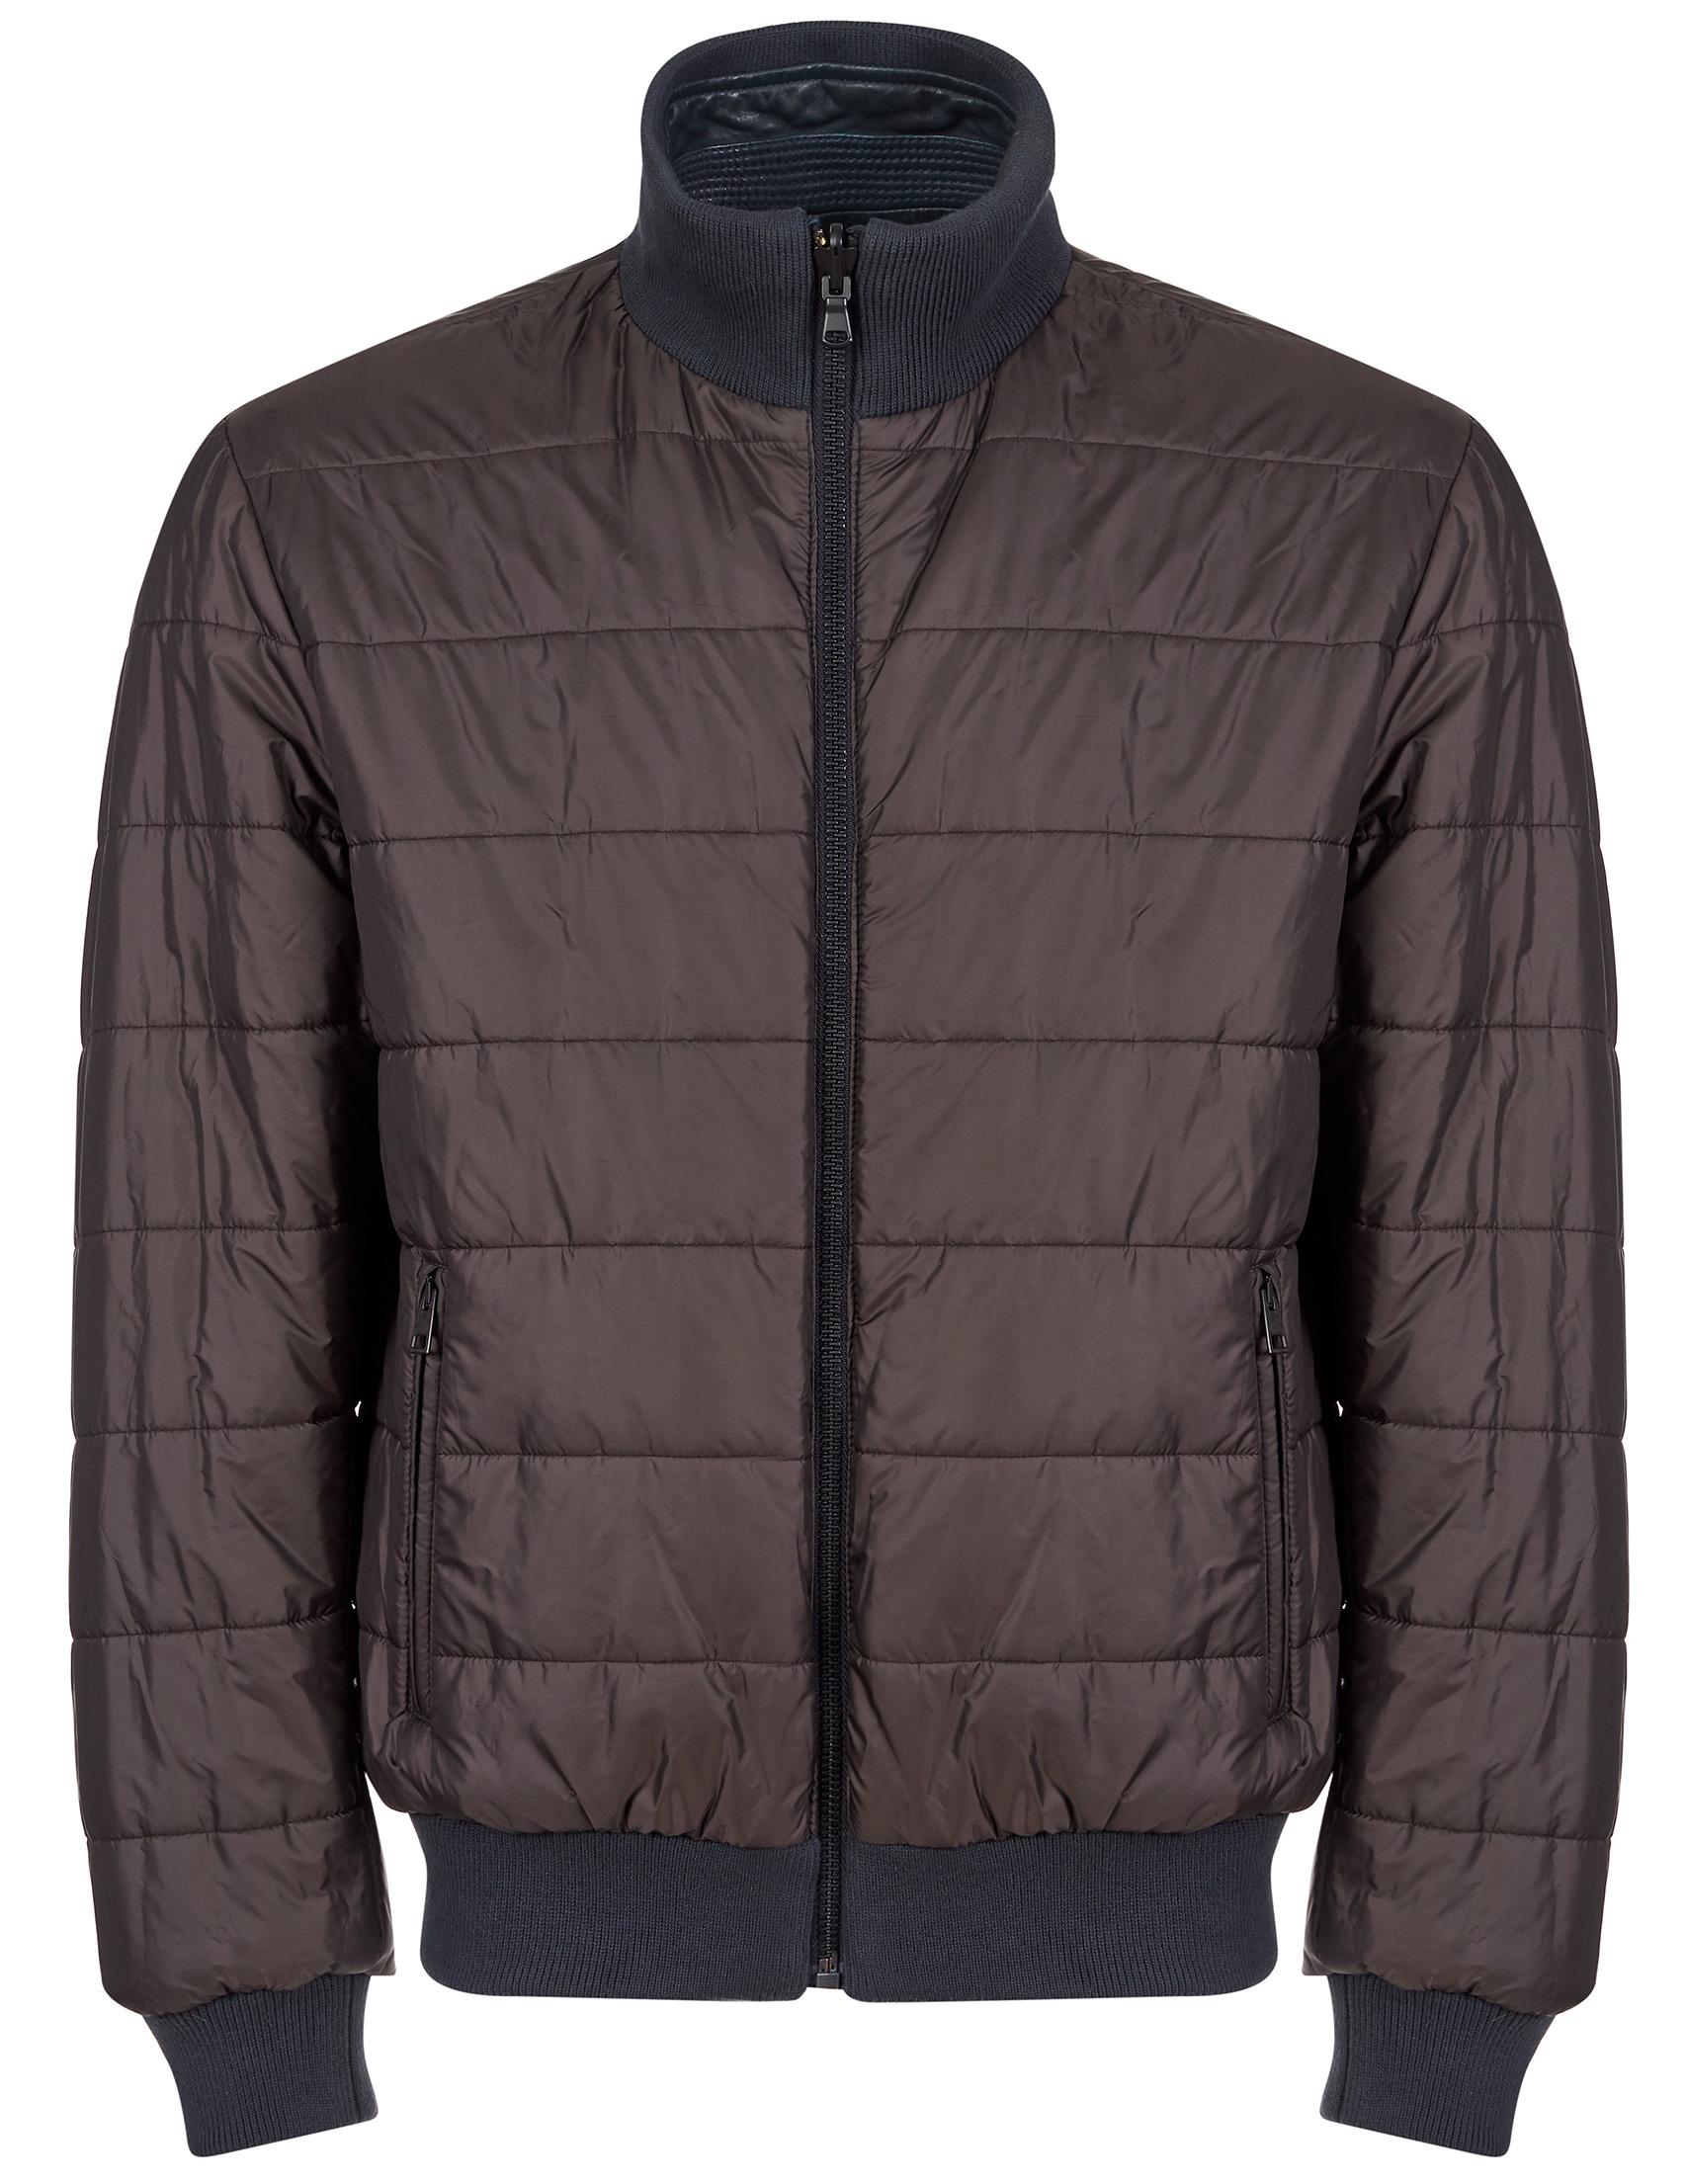 Купить Куртки, Куртка, GALLOTTI, Коричневый, 100%Кожа;100%Полиэстер;100%Шерсть, Осень-Зима